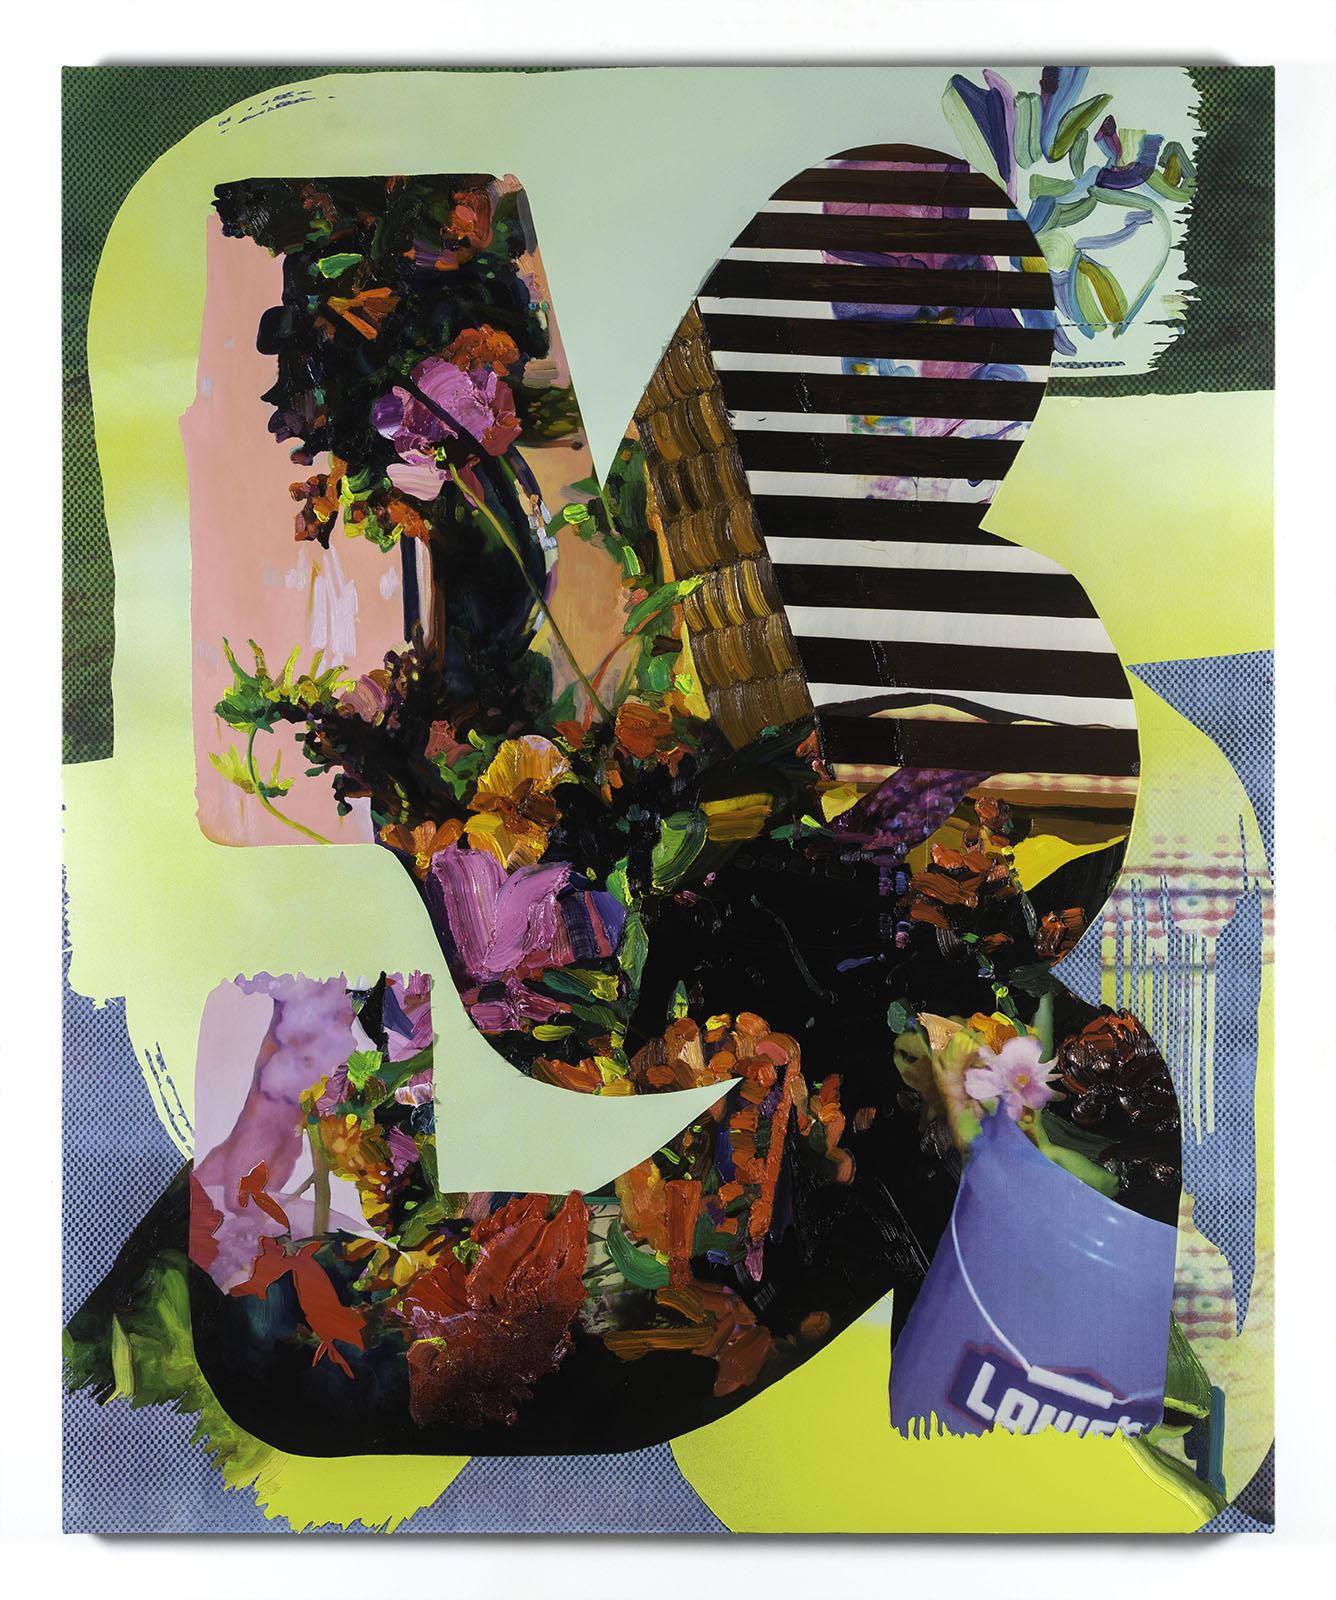 Jimmy Baker, American artist, painting, digital printing : Double Walker painting